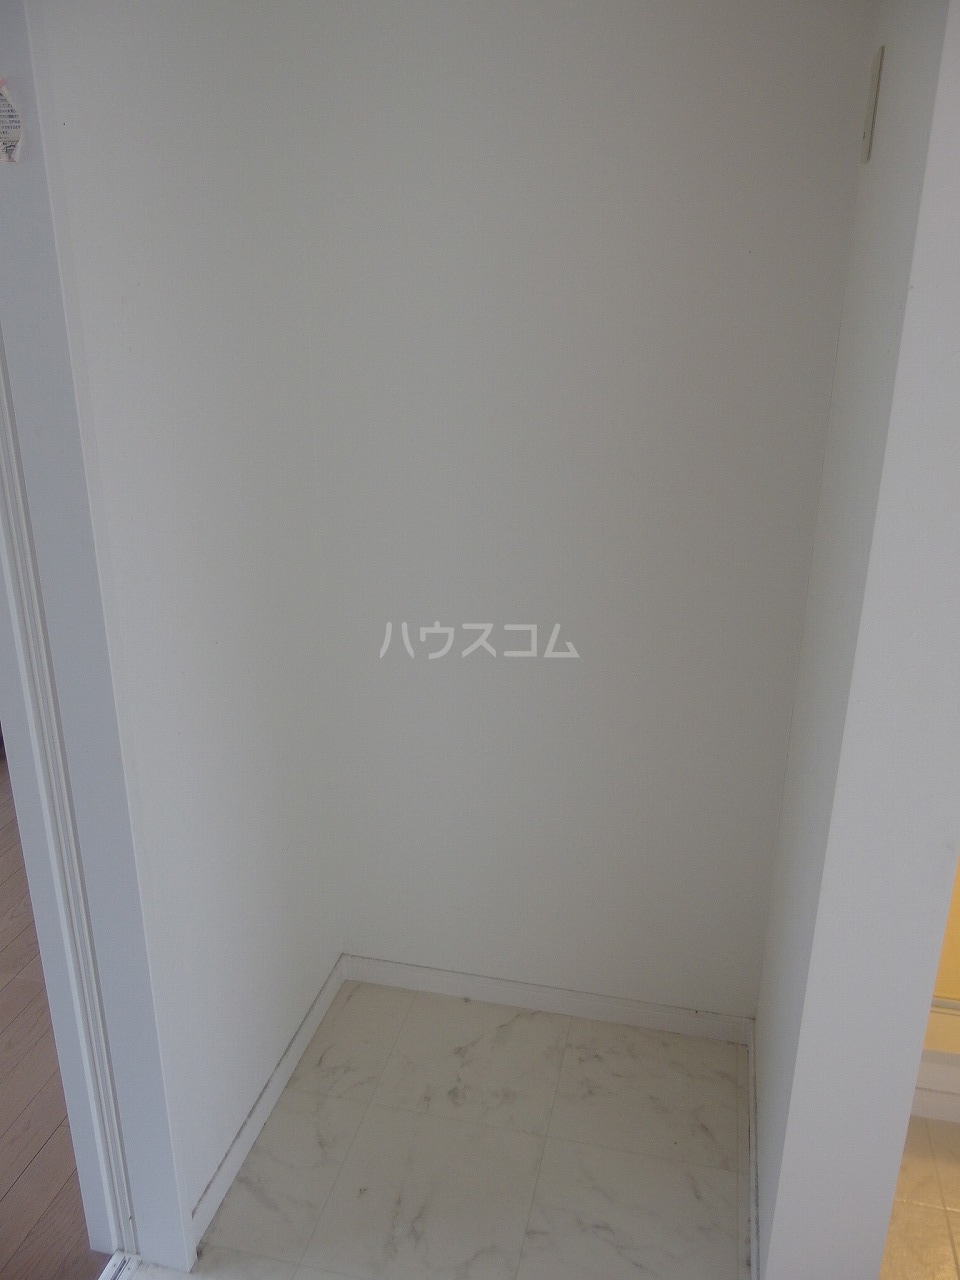 第1白王荘 102号室の設備